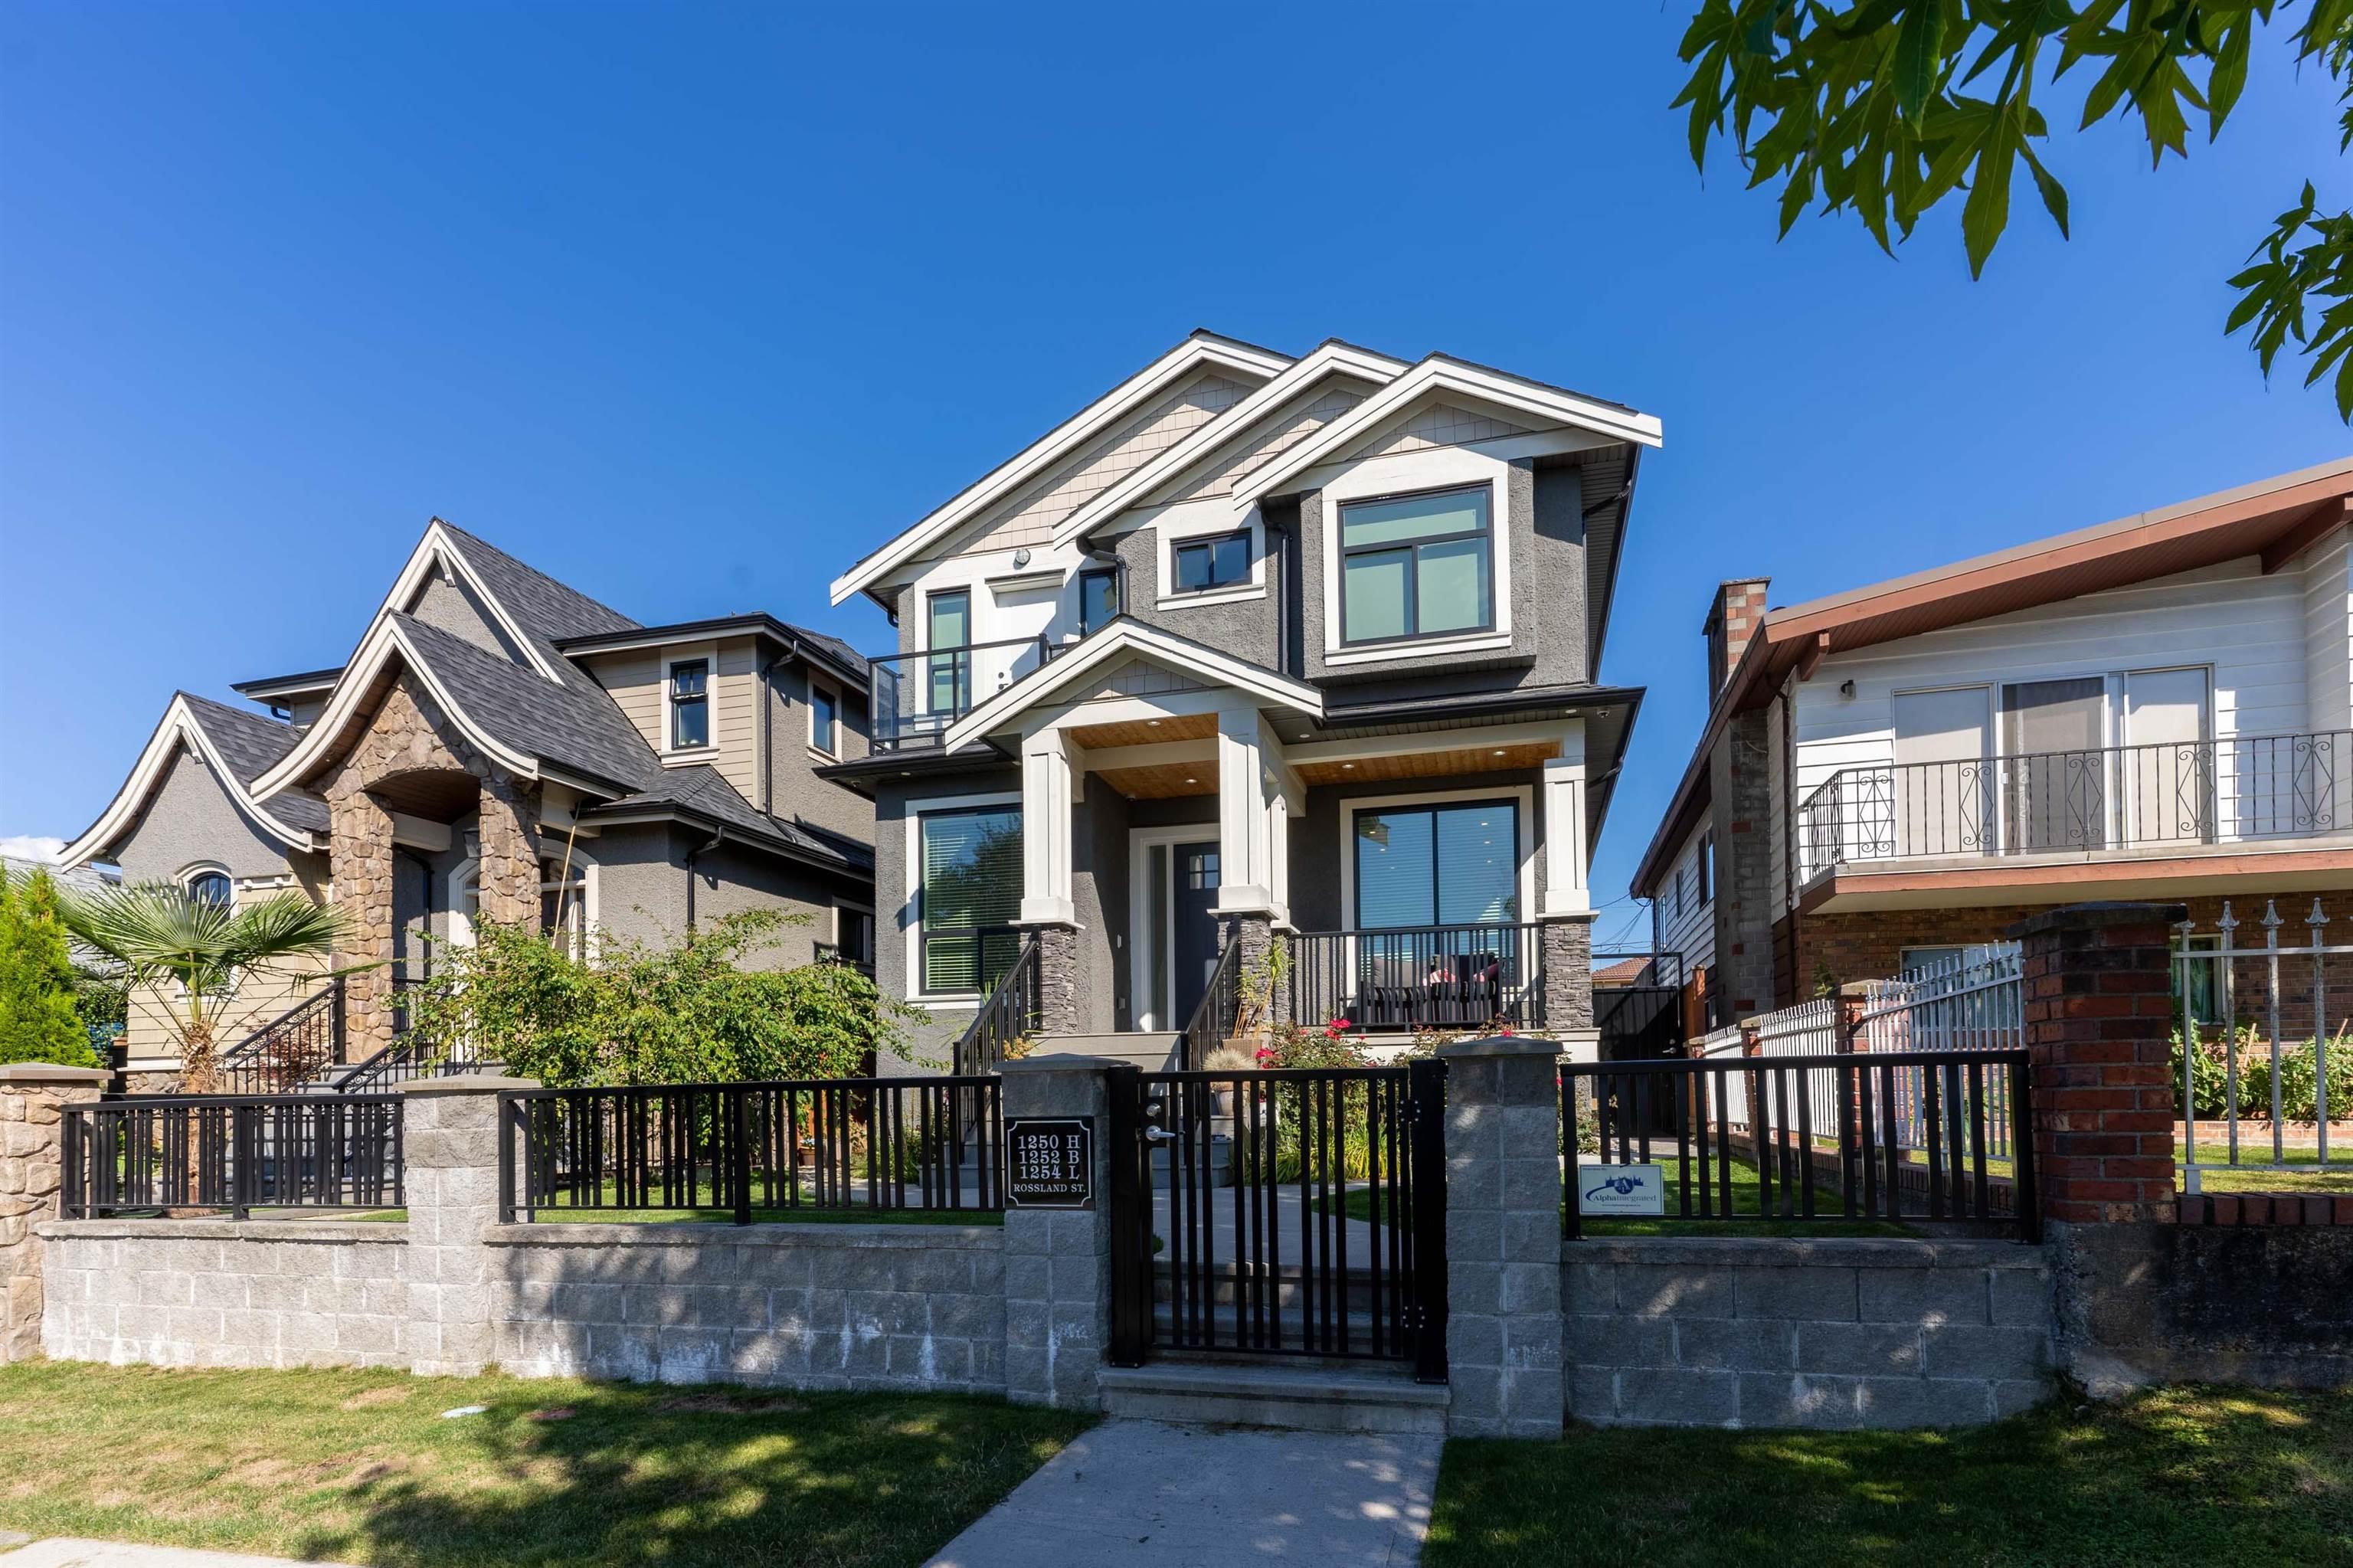 1250 ROSSLAND STREET - Renfrew VE House/Single Family for sale, 6 Bedrooms (R2623316) - #1